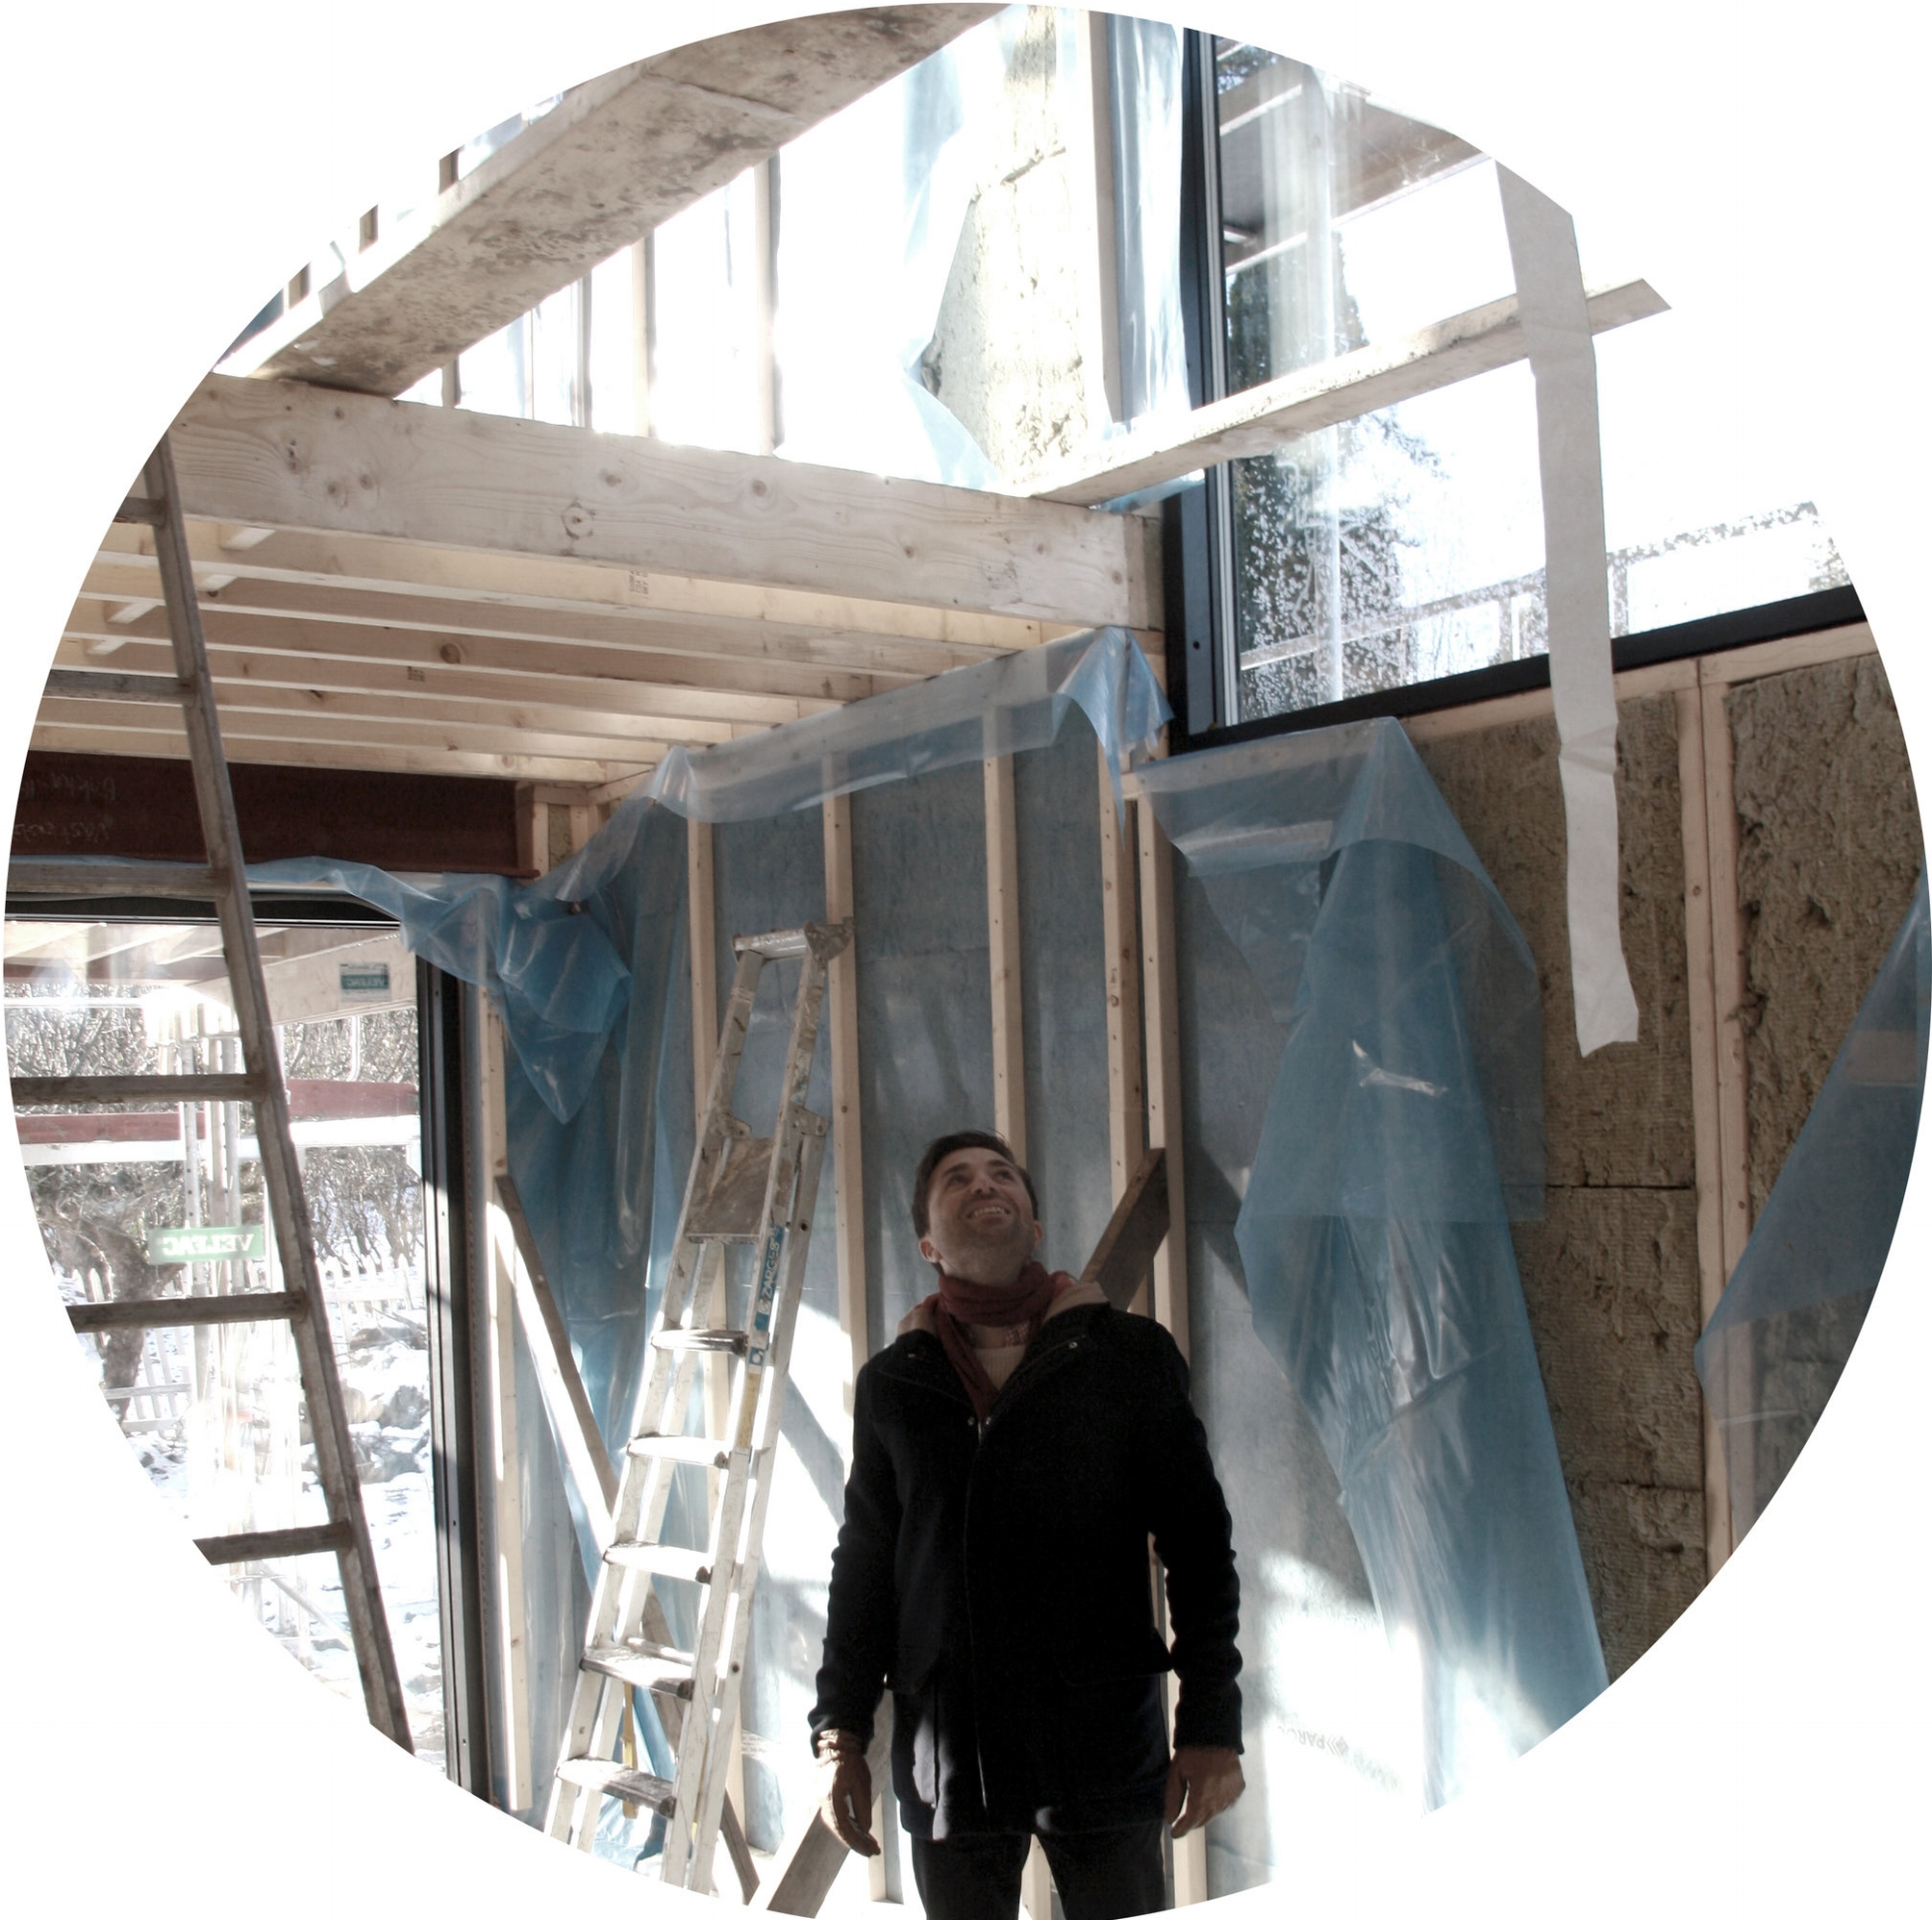 PROSJEKTLEDELSE  Prosjektledelse kan enten være integrert i vår øvrige tilknytning til prosjektet, eller utføres som selvstendige oppdrag. Vi har lang erfaring fra byggeplassoppfølgning og samordner mellom ulike utførende. I samarbeid med Fjord Ingeniører kan vi dekke et bredt spekter, blant annet som kontrollerende av det arbeid som utføres.